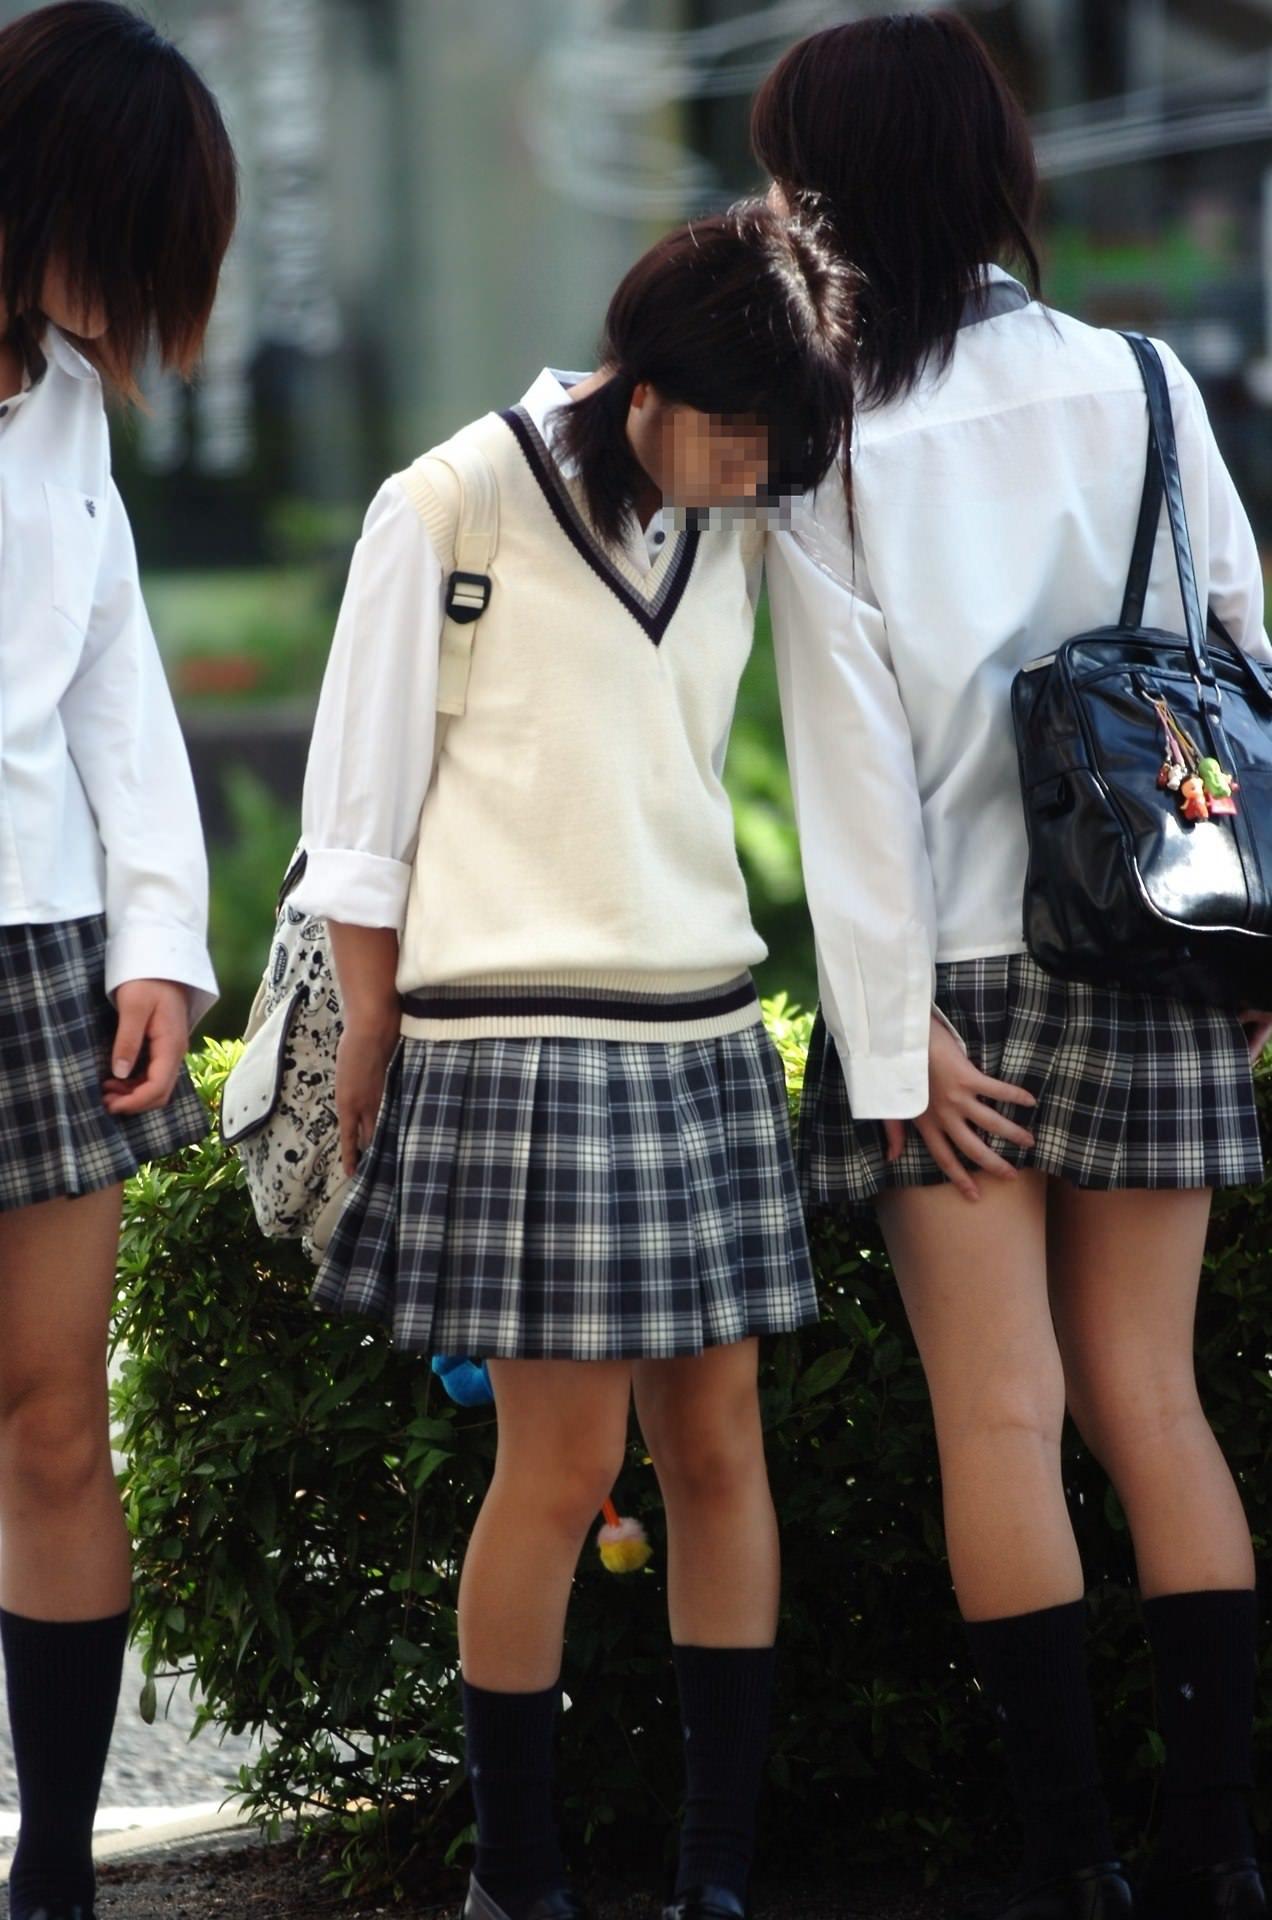 制服JKの日常風景だけでもムラムラするぞぉーwww街撮り画像だぁーwww 1EyYS1H